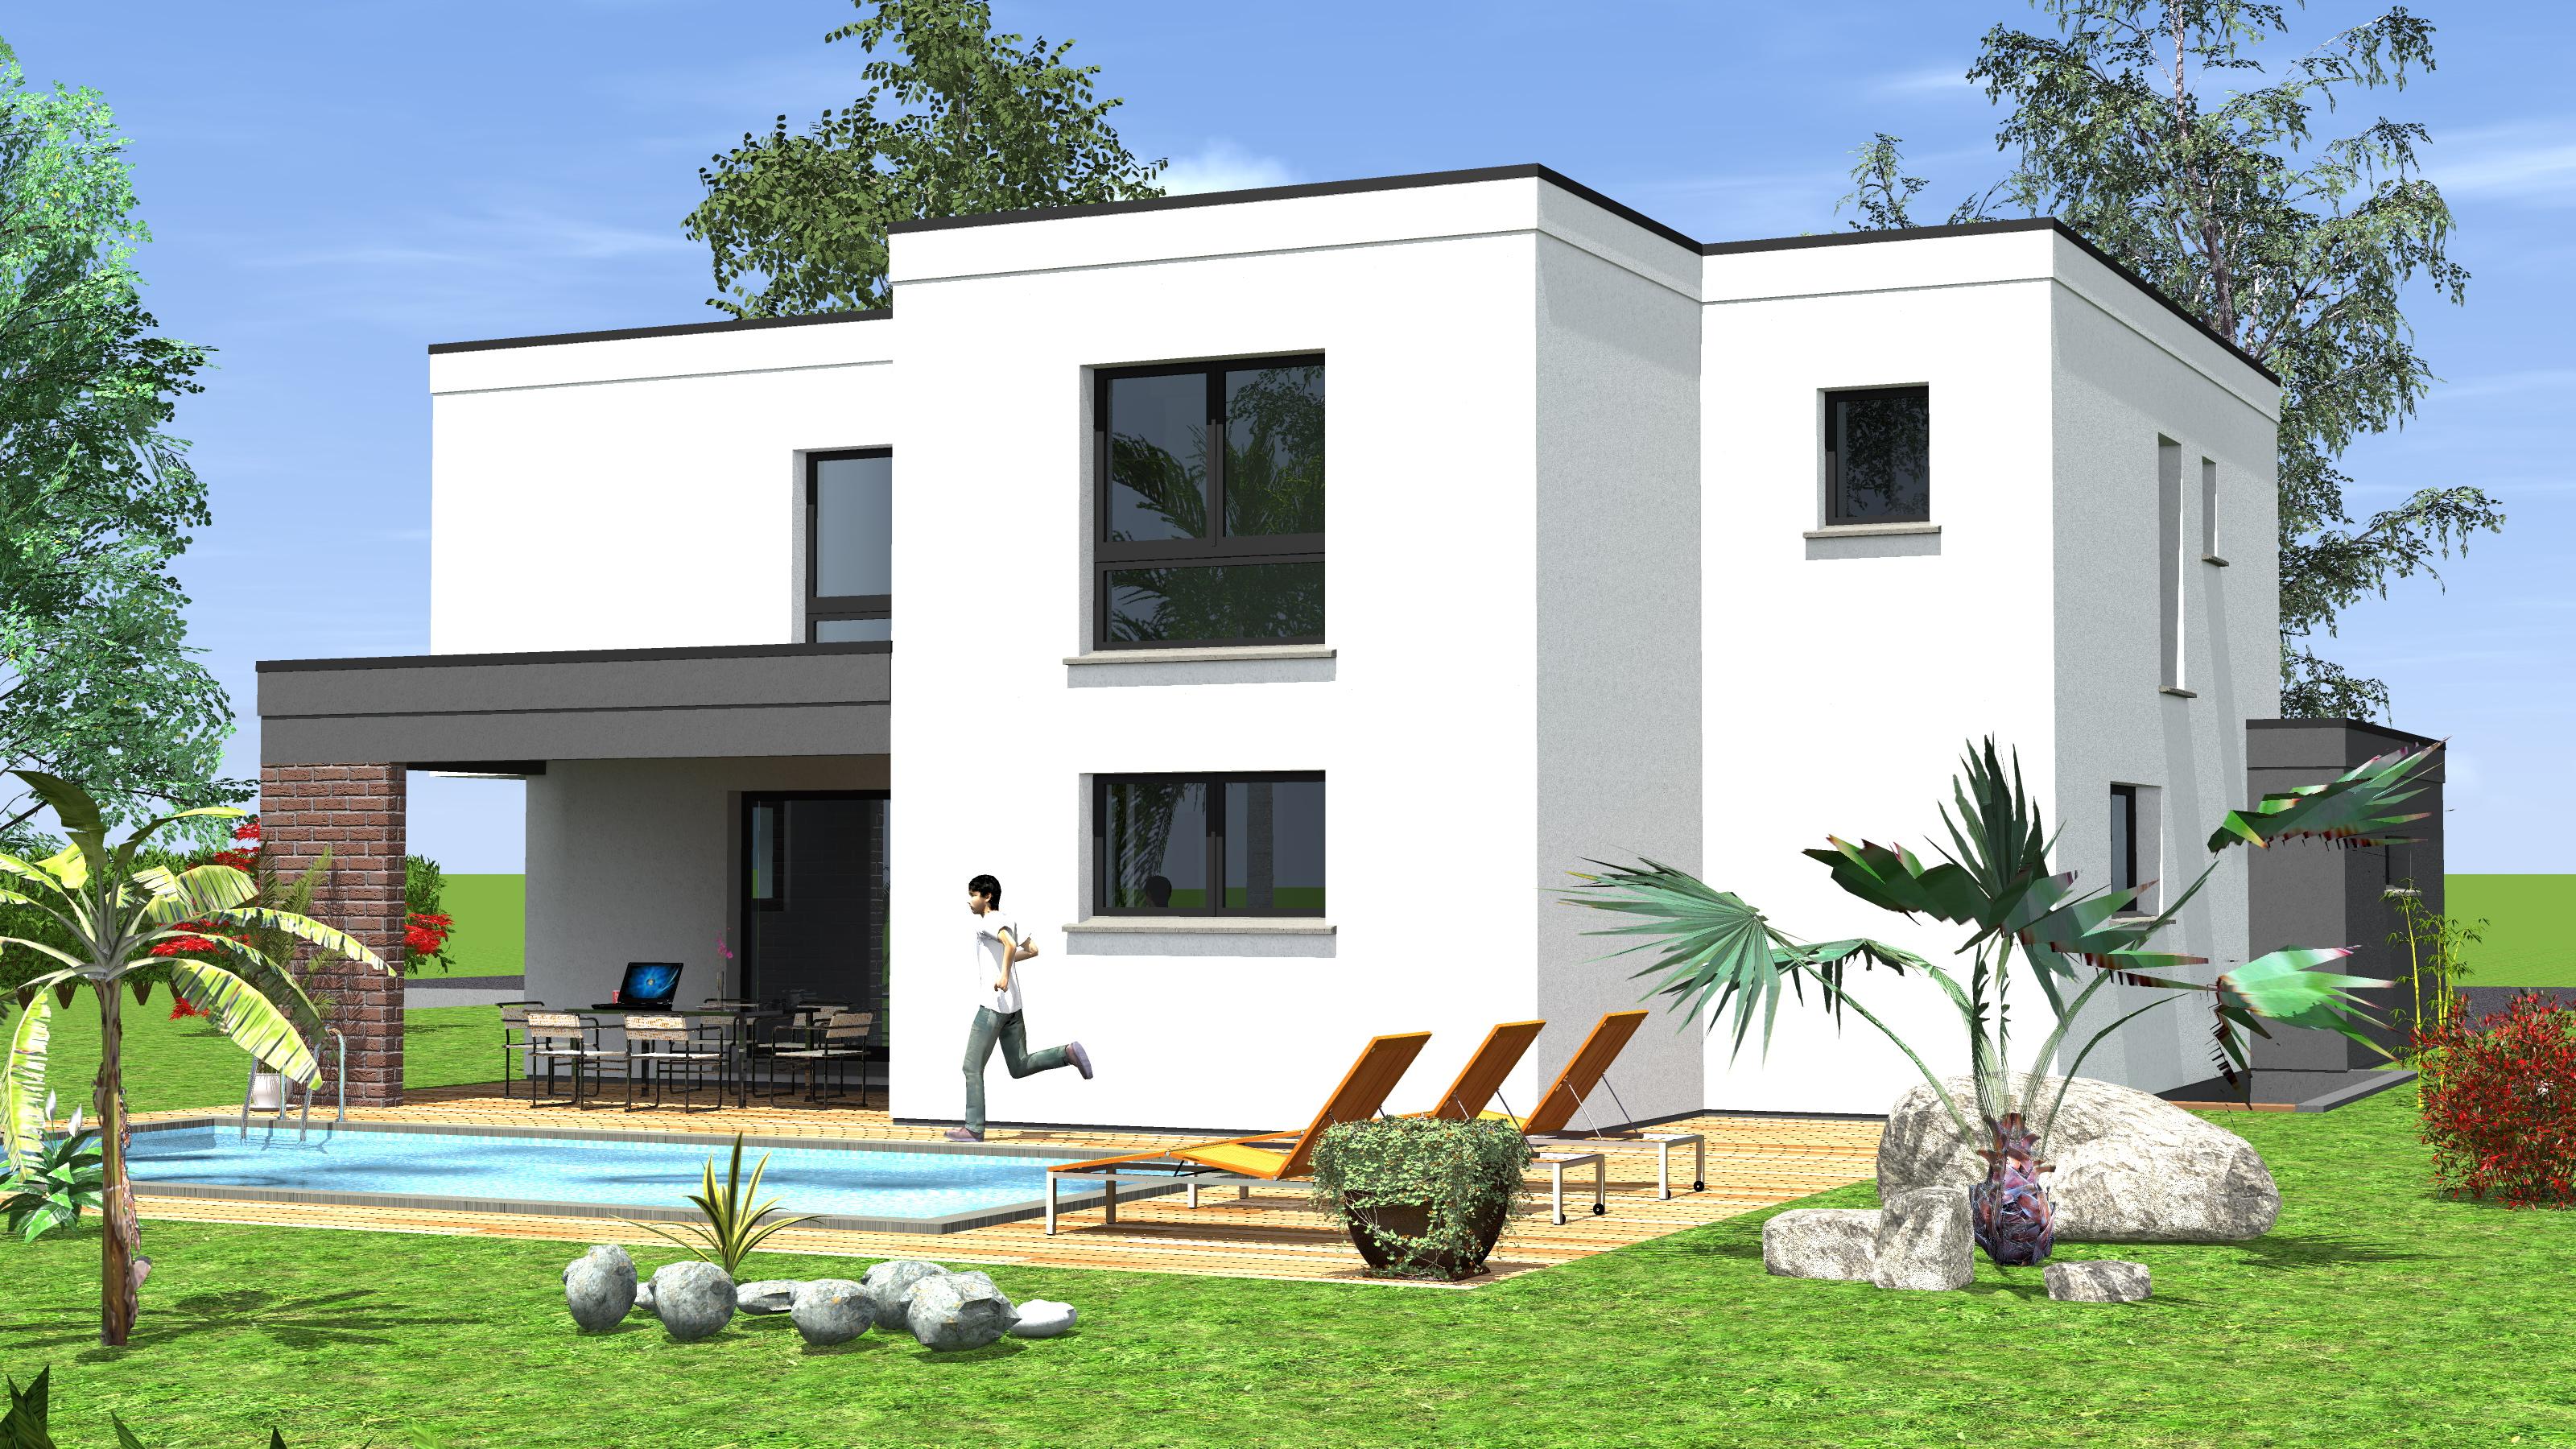 Construction de maisons cubiques maisons begi for Maison de construction